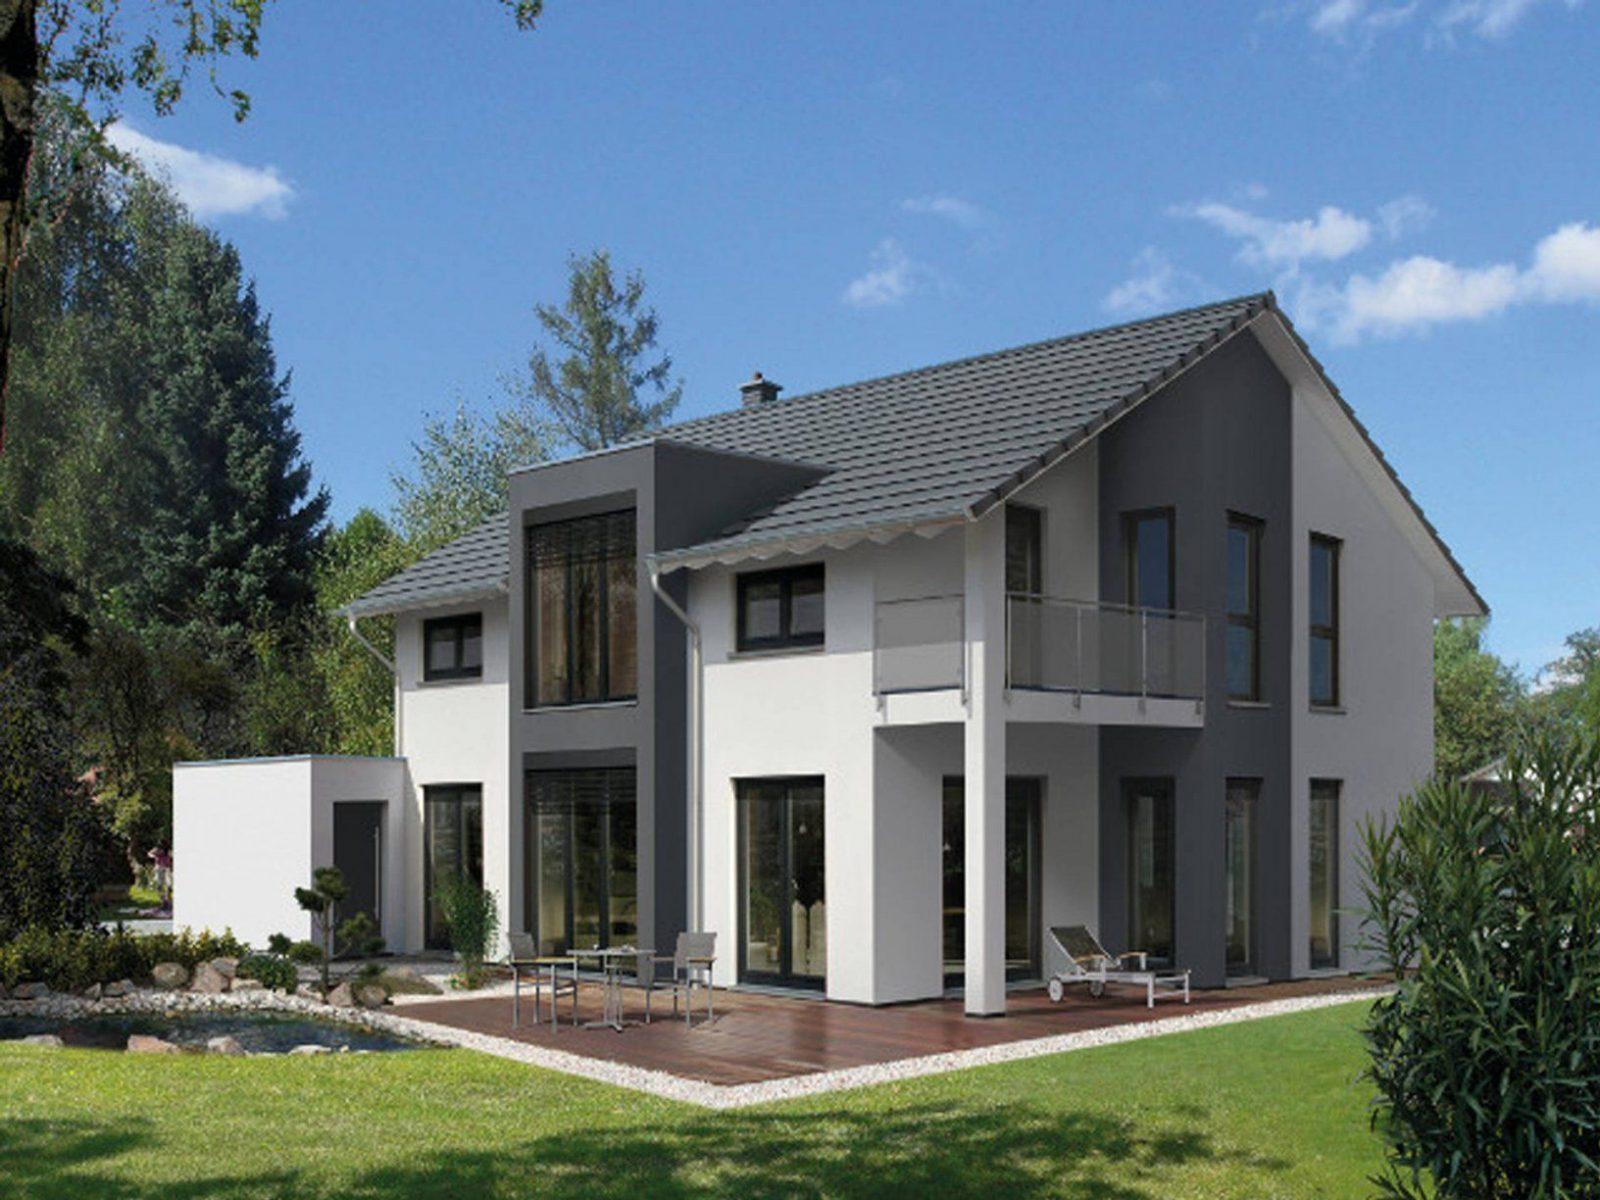 Einfamilienhaus Prestige 1  Allkauf Haus von Kosten Allkauf Haus Schlüsselfertig Photo